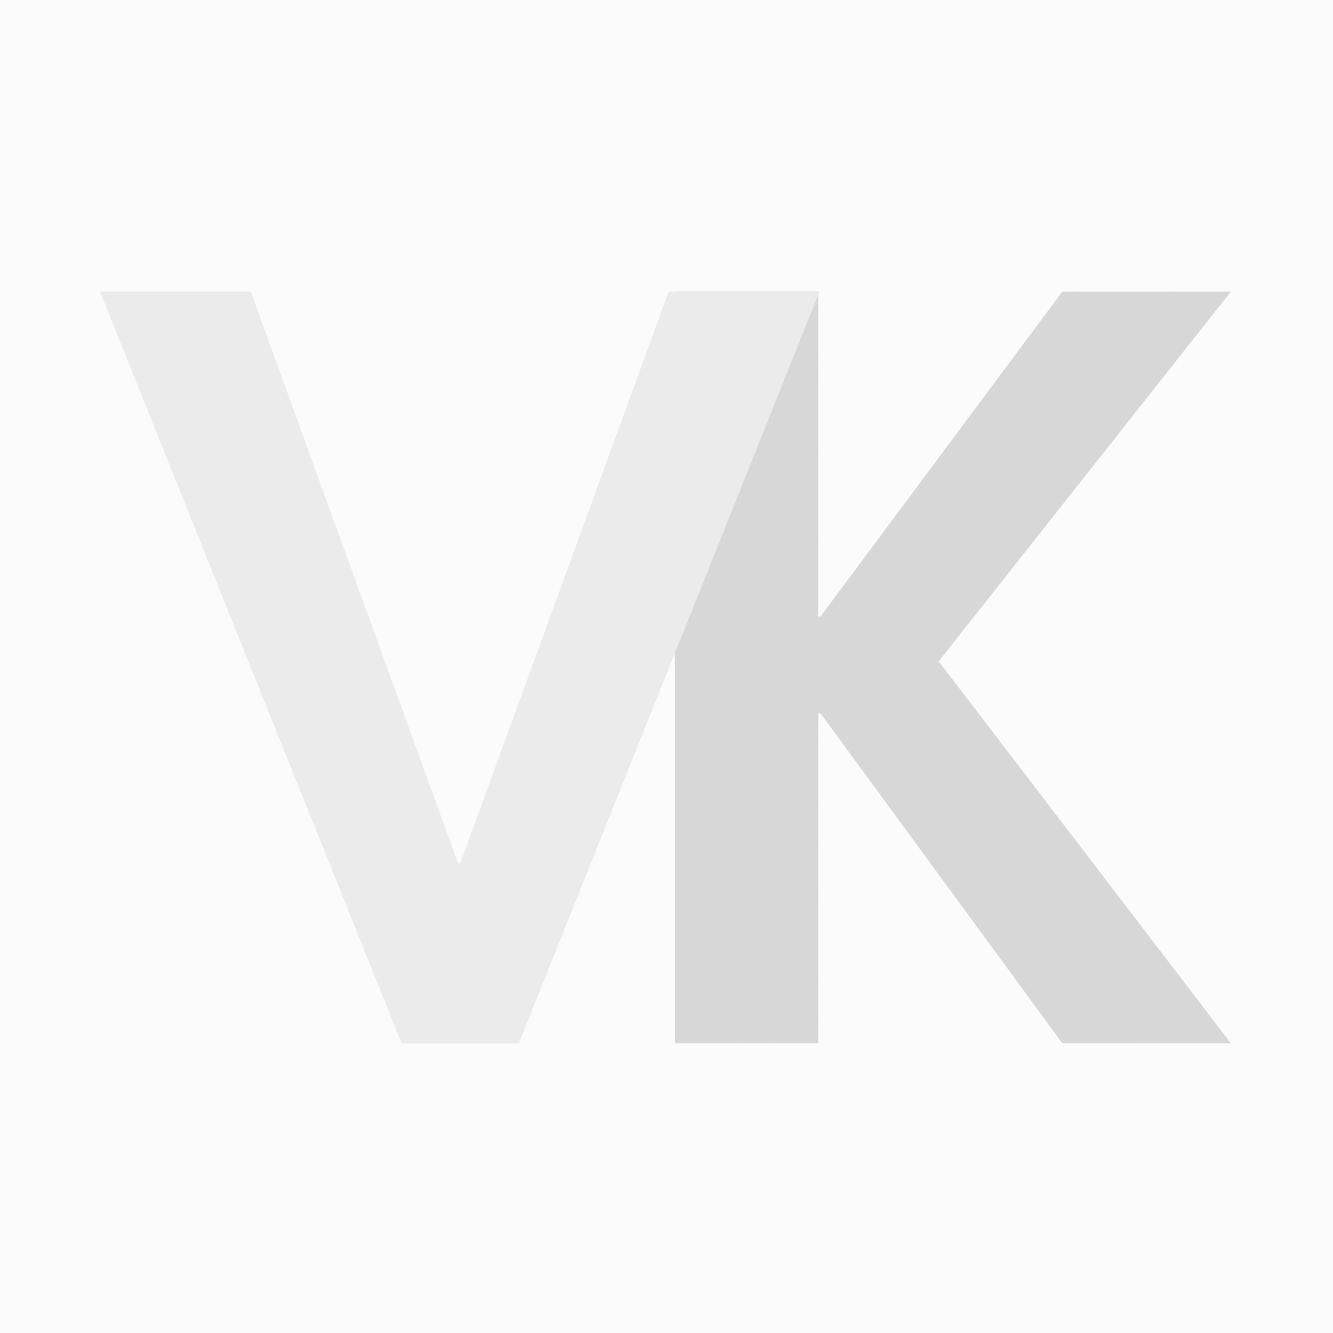 Ceracurl Krultang 25mm